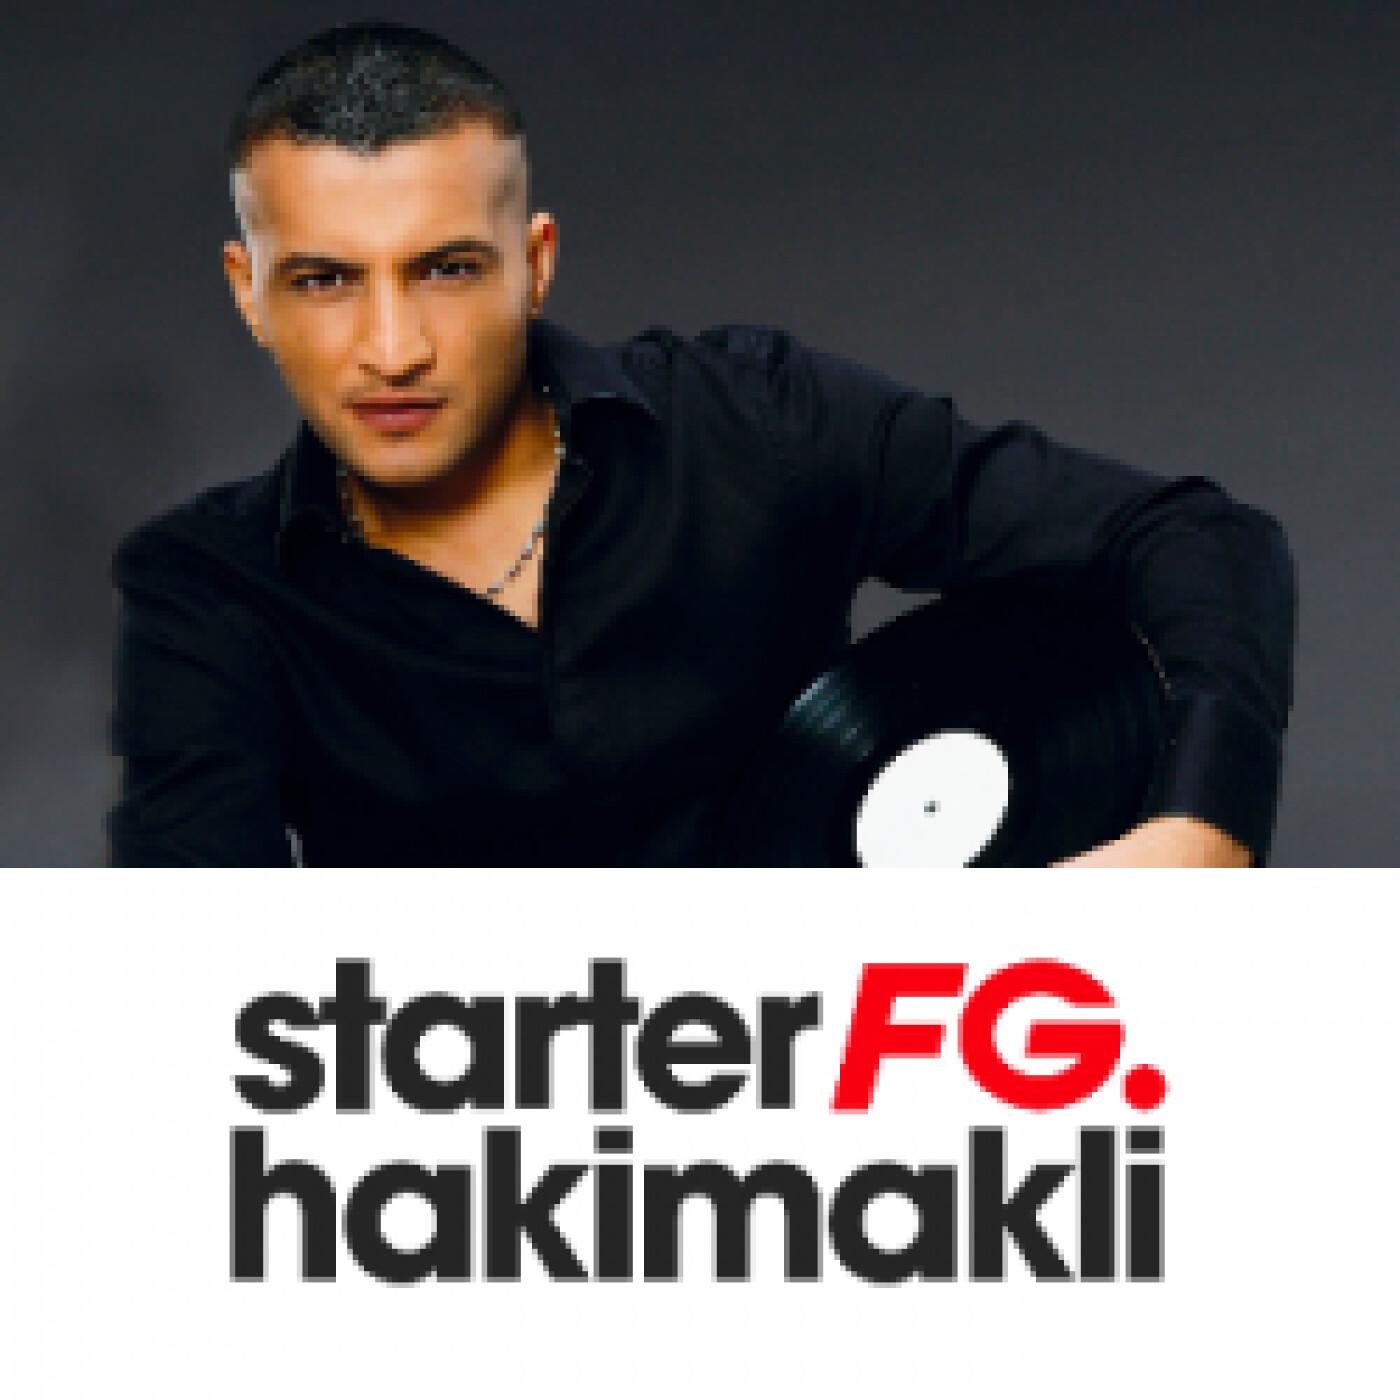 STARTER FG BY HAKIMAKLI LUNDI 26 AVRIL 2021